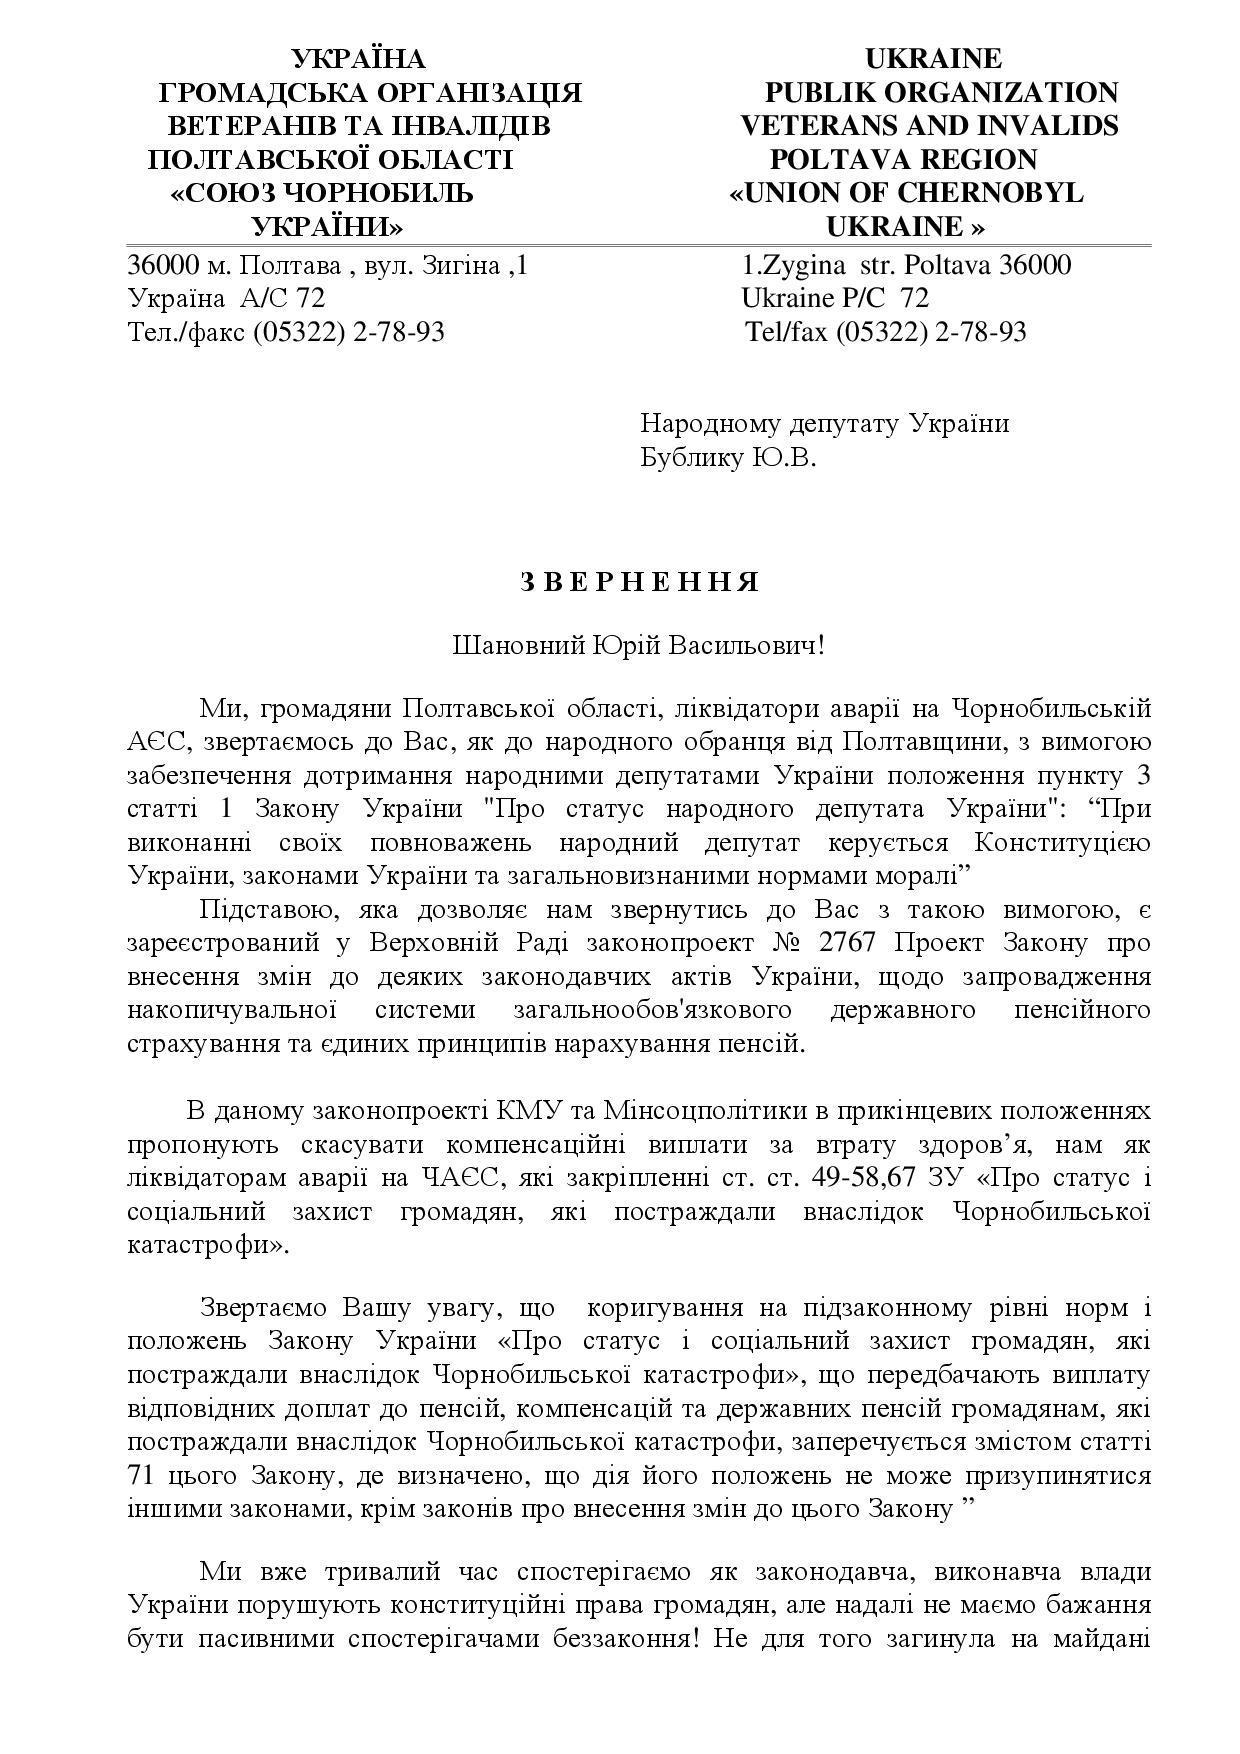 звернення до депутатів ВРУ.jpg